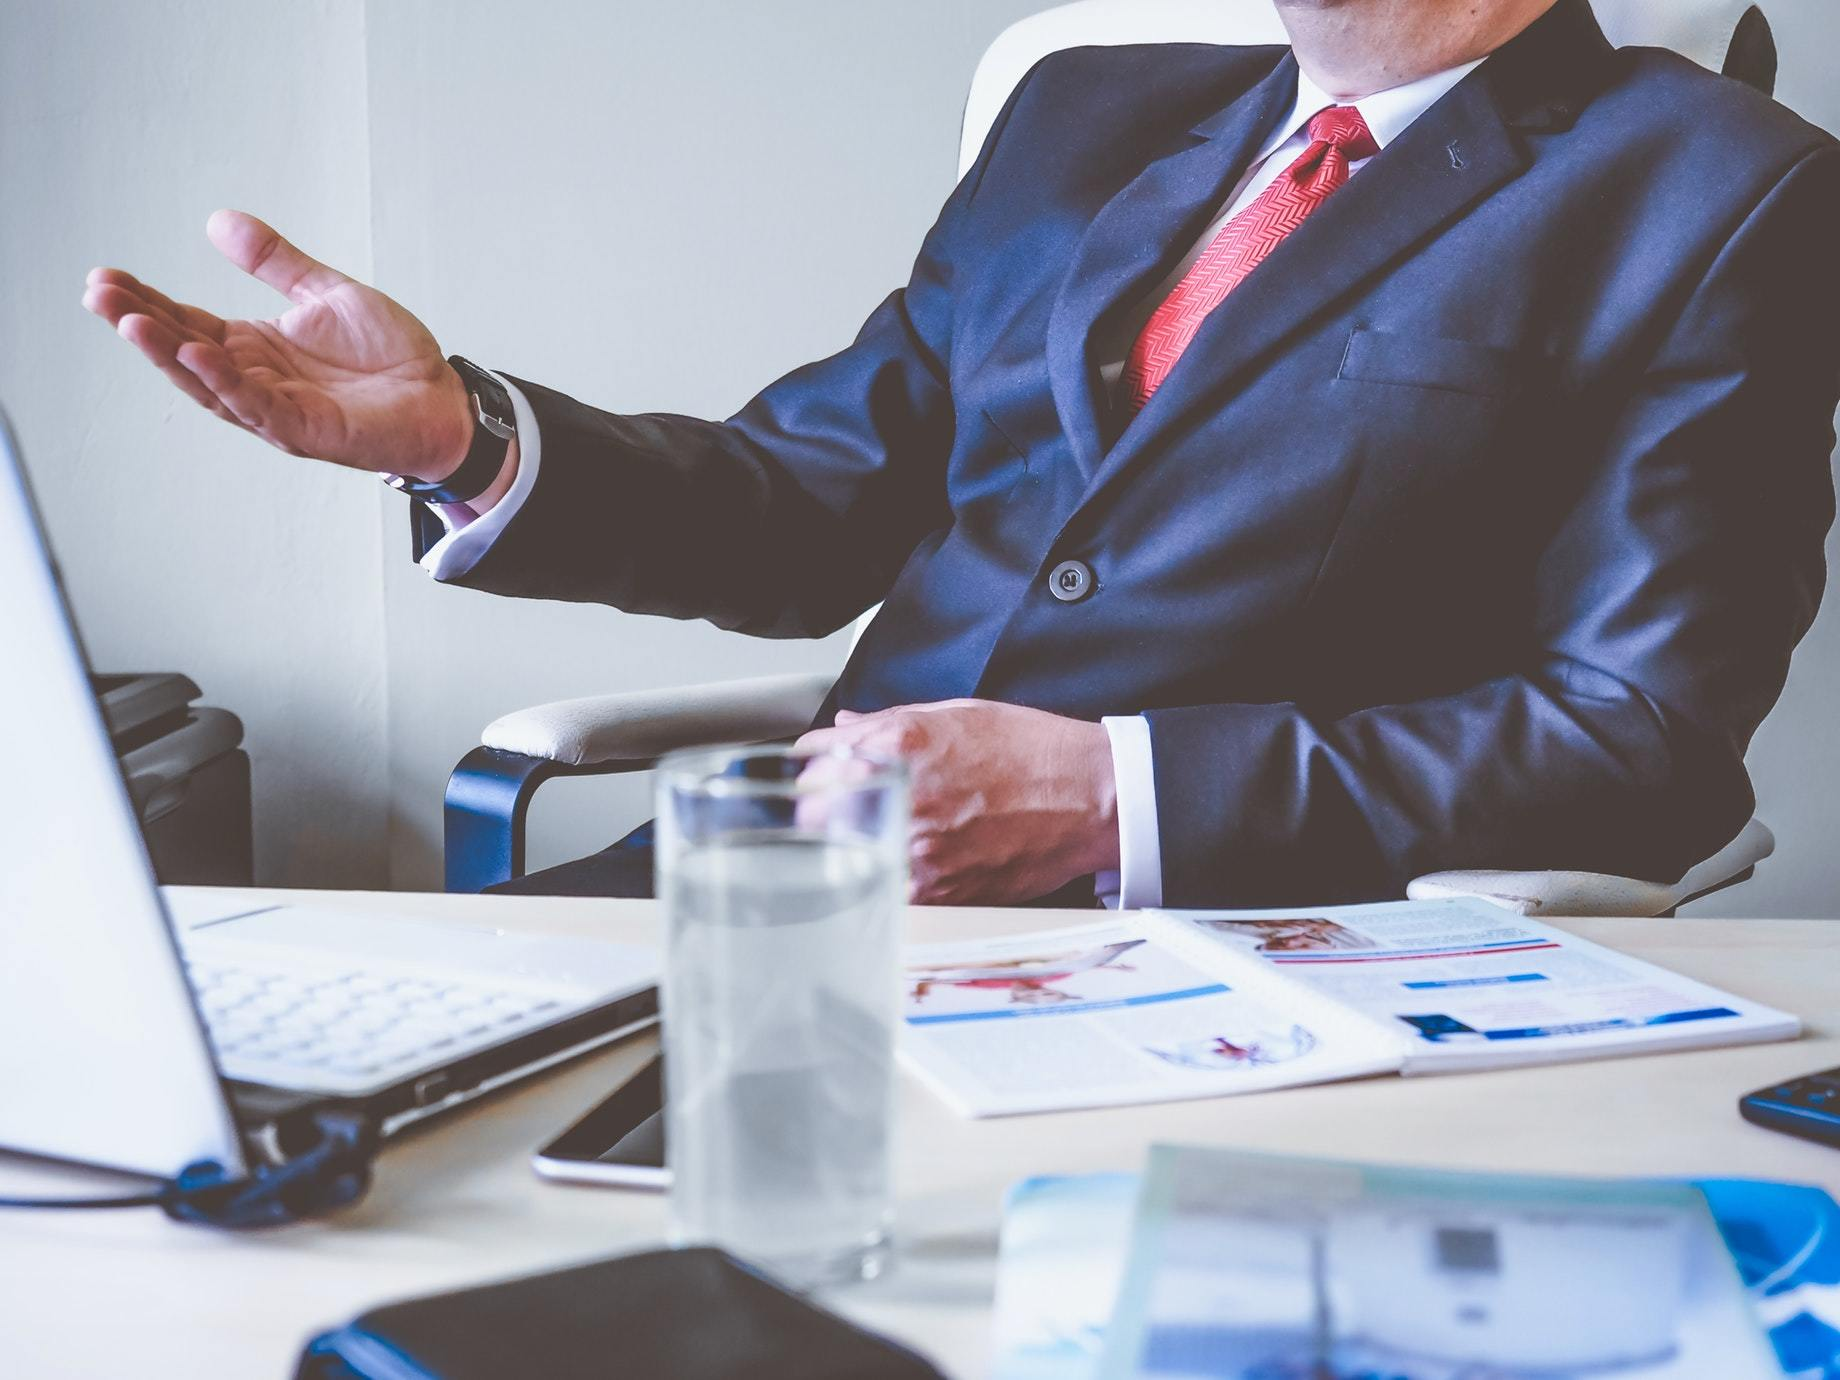 離職應該來自拉力,而不是推力 想用離職逃避問題?小心問題一輩子跟著你!